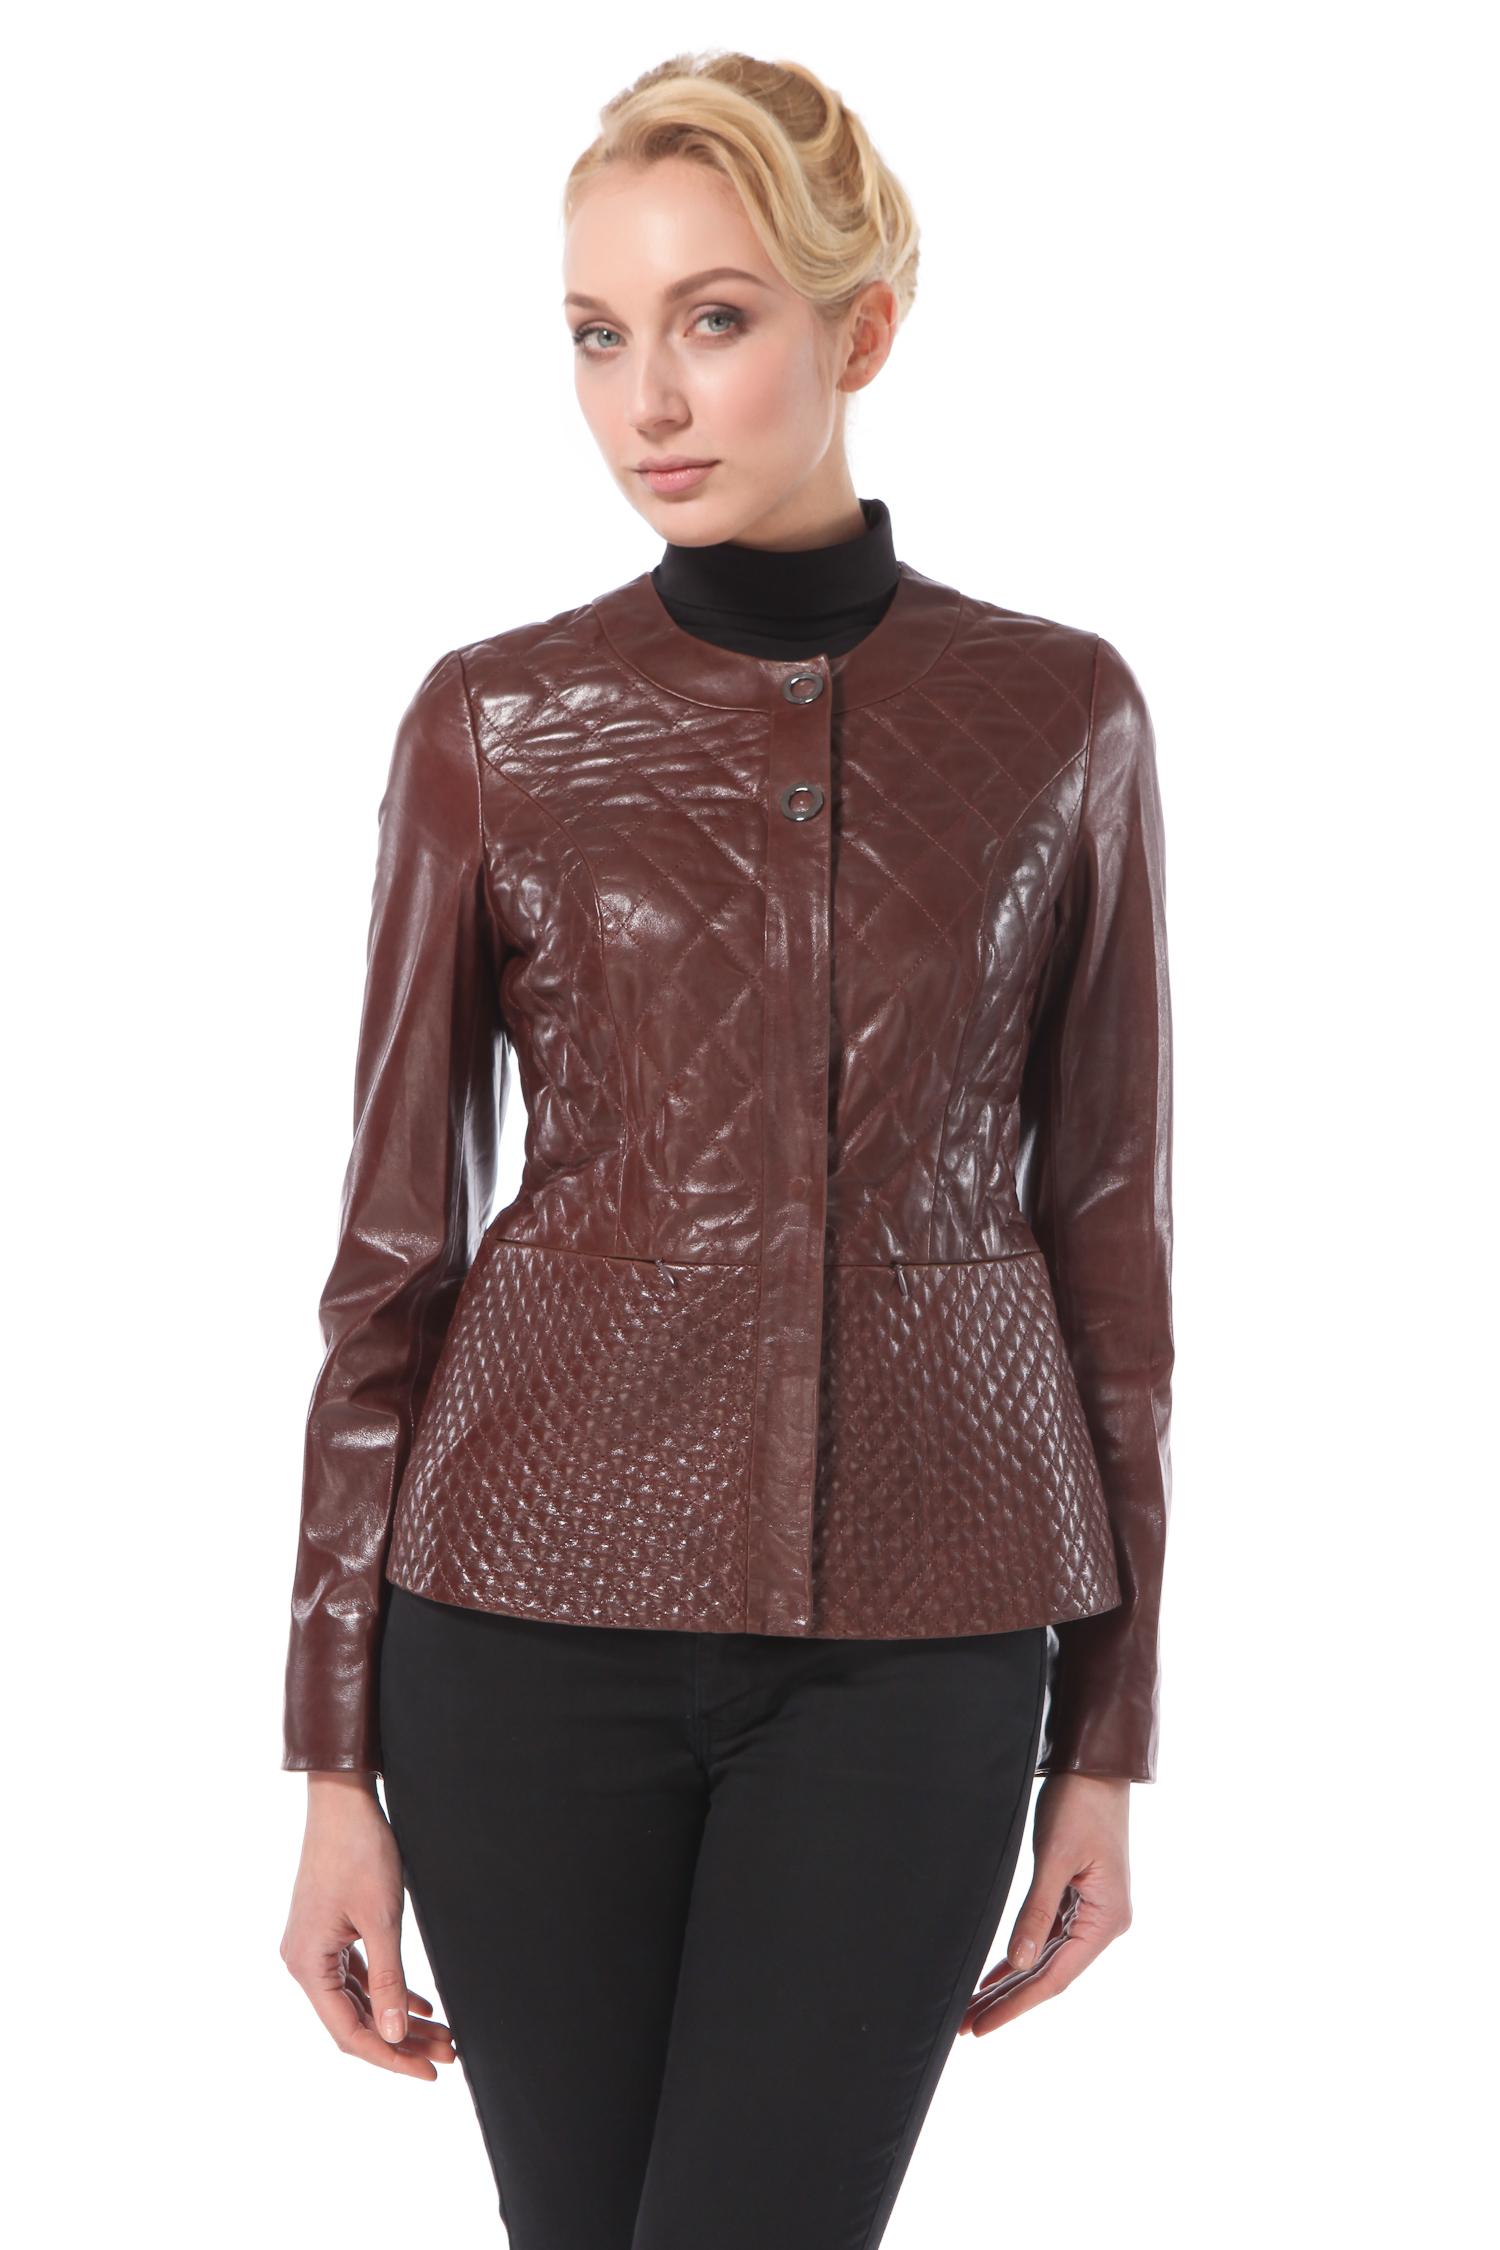 Женская кожаная куртка из натуральной кожи, без отделки<br><br>Длина см: Короткая (51-74 )<br>Материал: Кожа овчина<br>Цвет: коричневый<br>Застежка: на молнии<br>Пол: Женский<br>Размер RU: 52